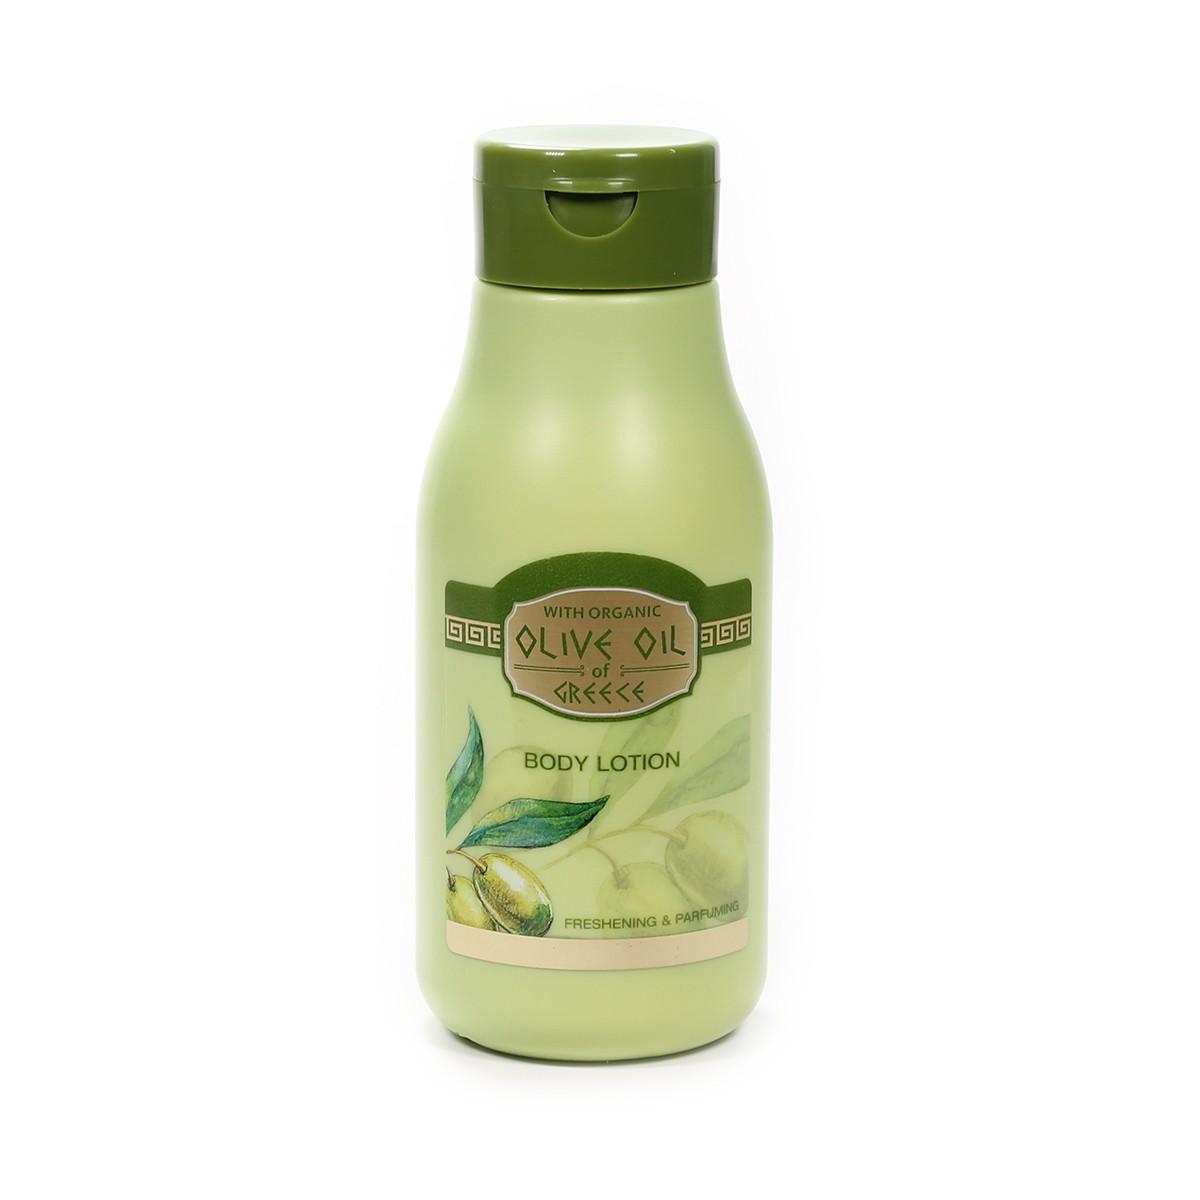 Освежаващ парфюмиращ лосион за тяло Olive Oil of Greece Biofresh